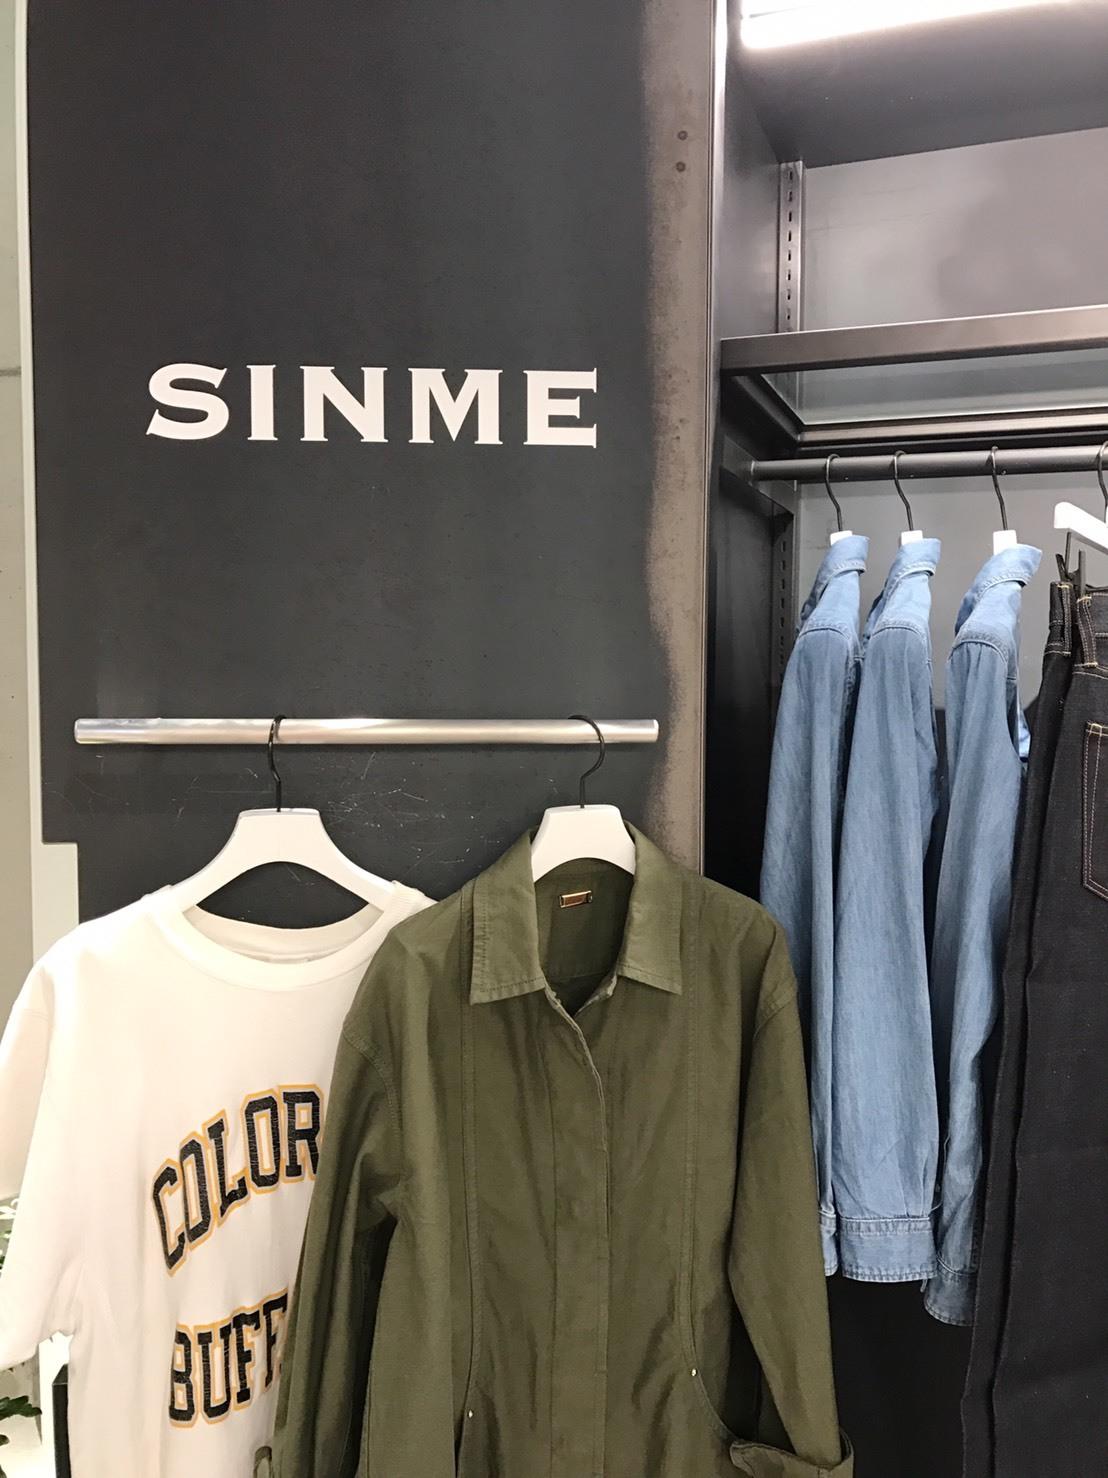 SINME(シンメ)の大人ベーシック_1_2